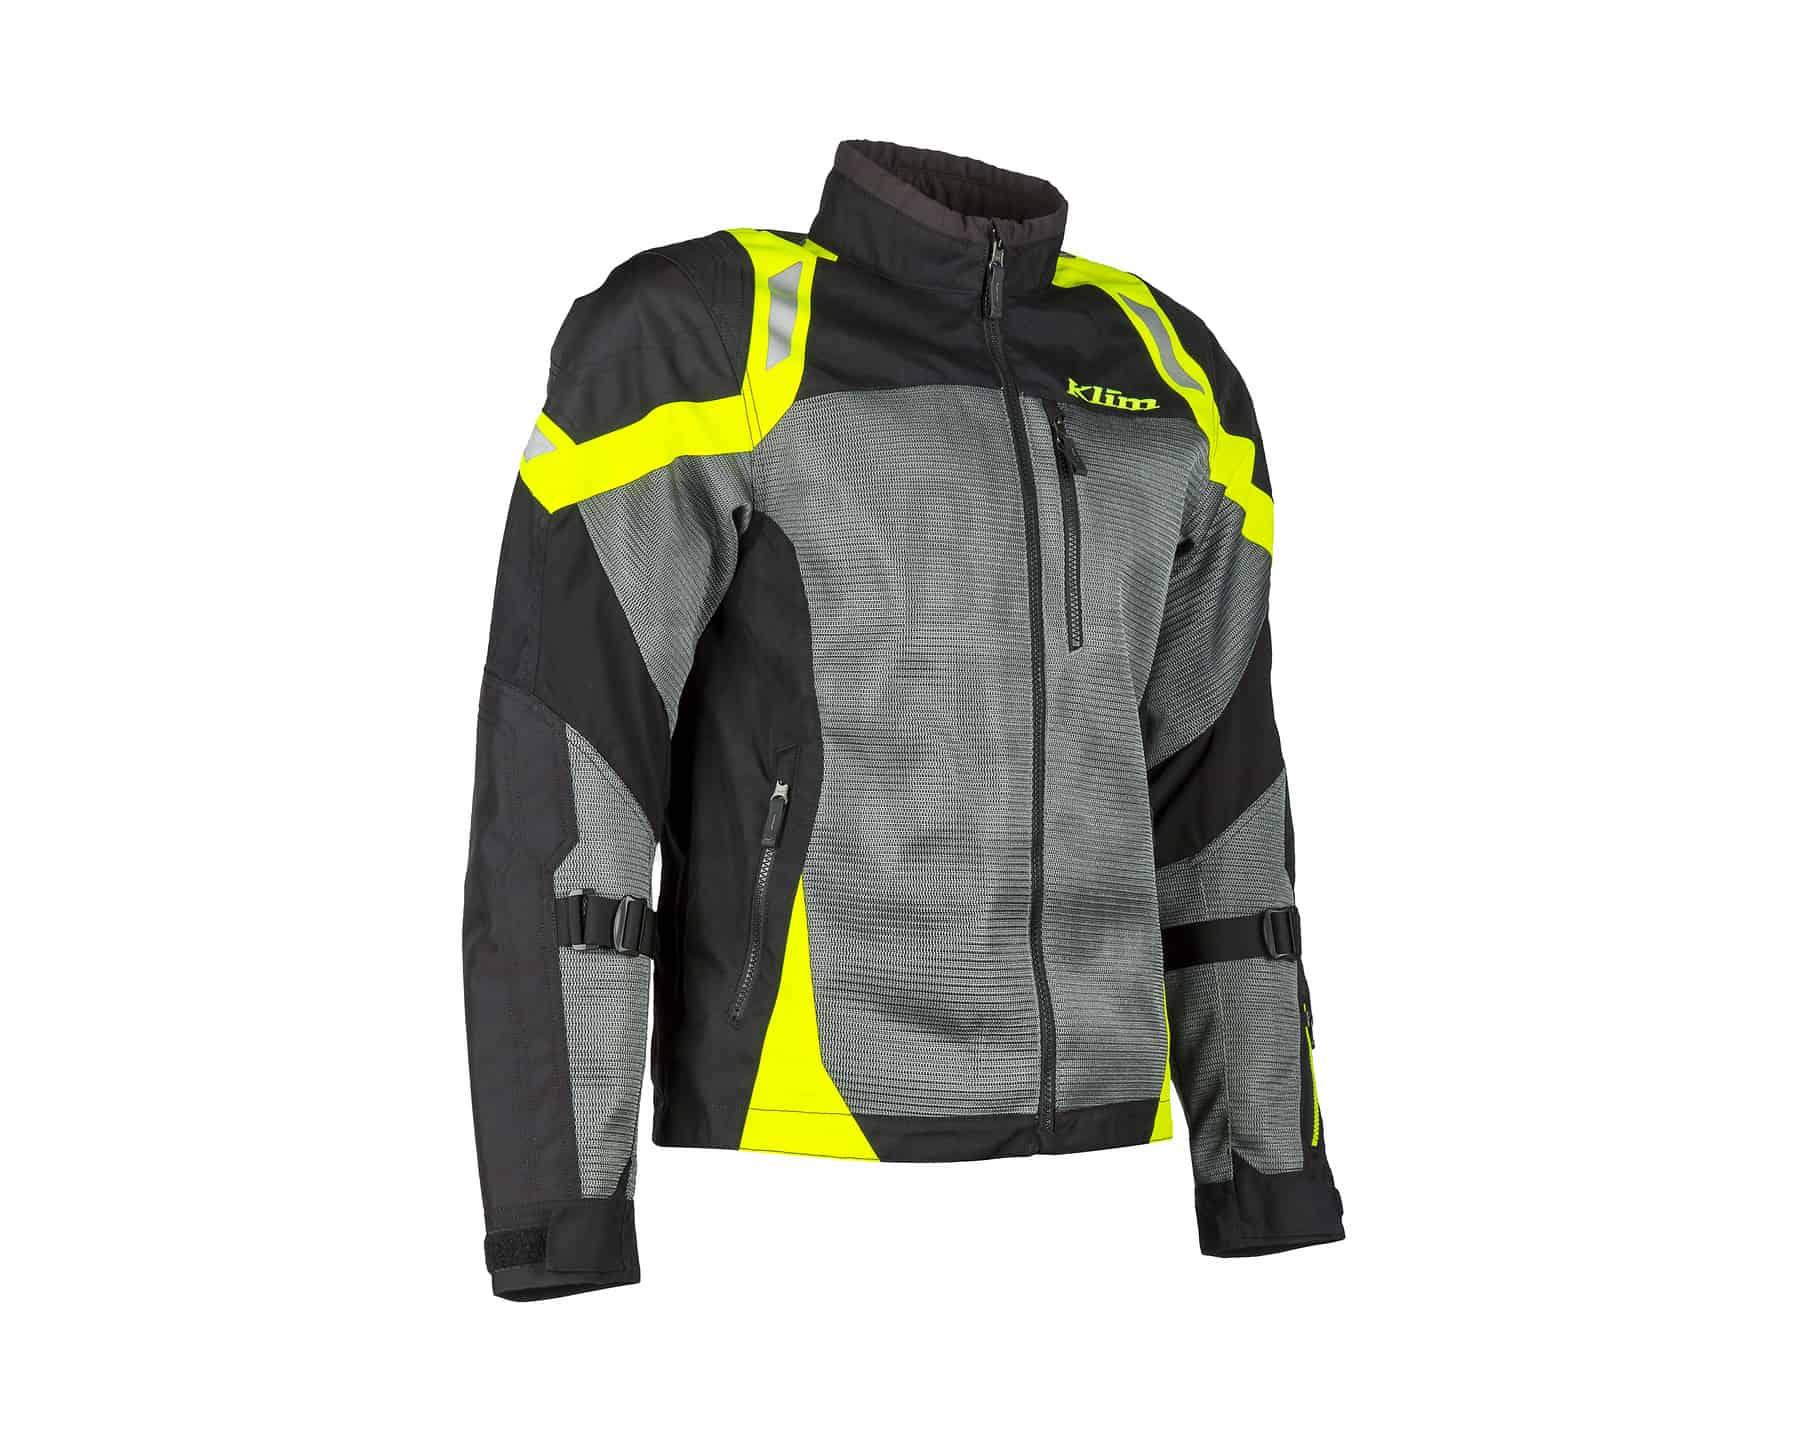 Induction Jacket_5060-002_High-Vis_03